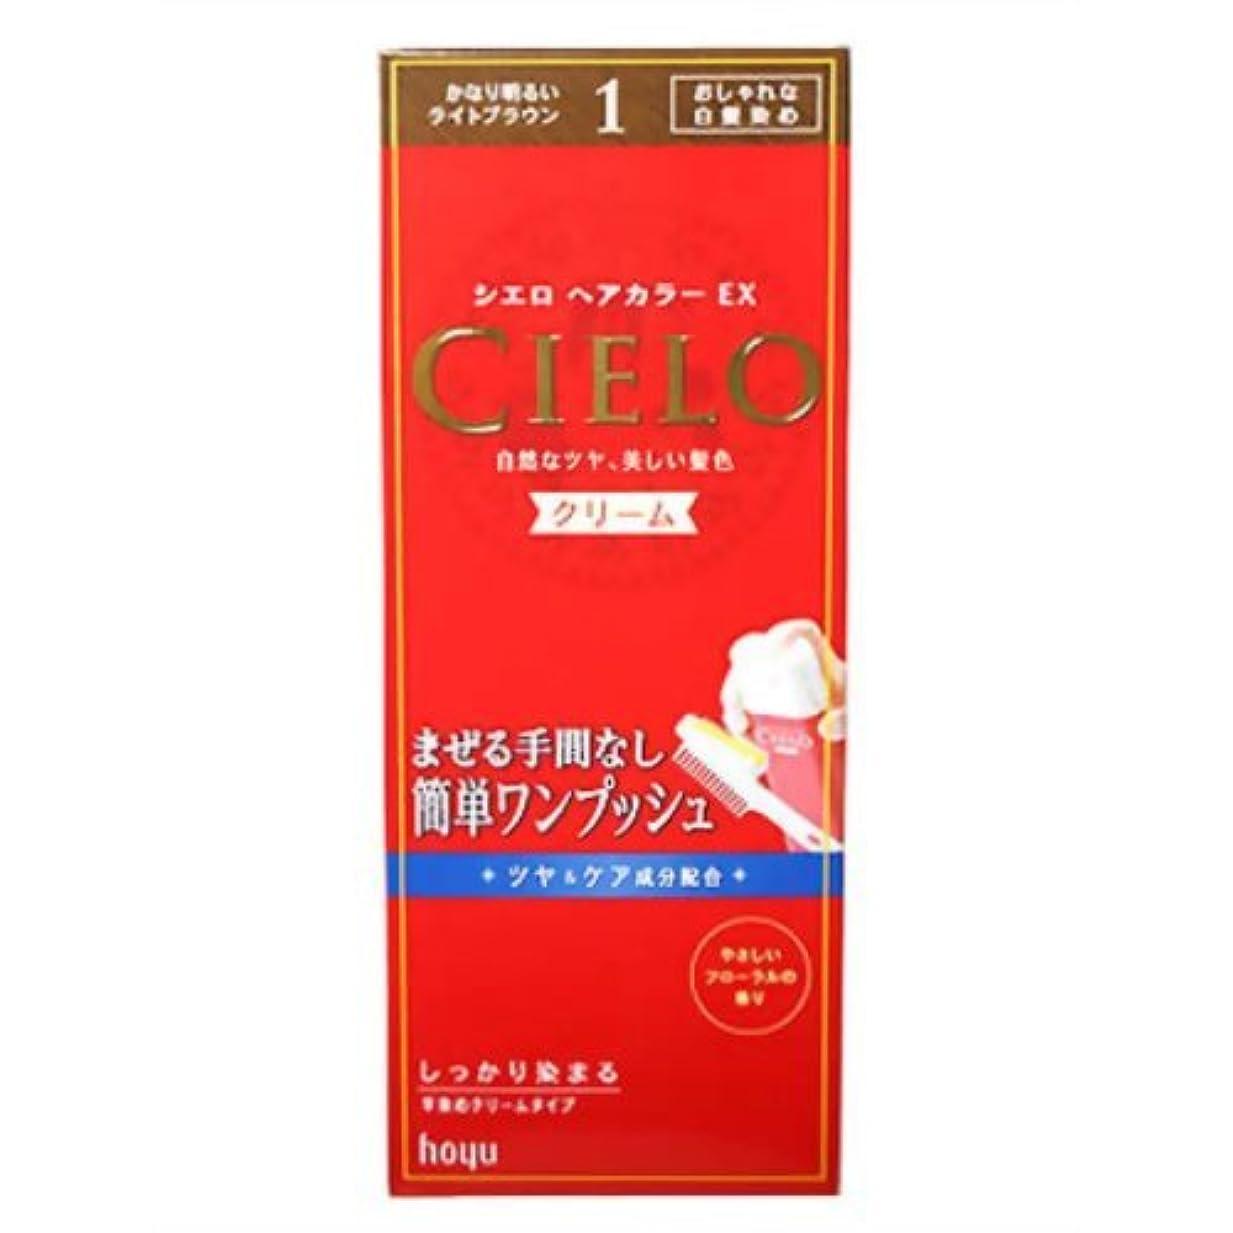 ふさわしいステートメント苦しみシエロ ヘアカラーEX クリーム1 (かなり明るいライトブラウン)